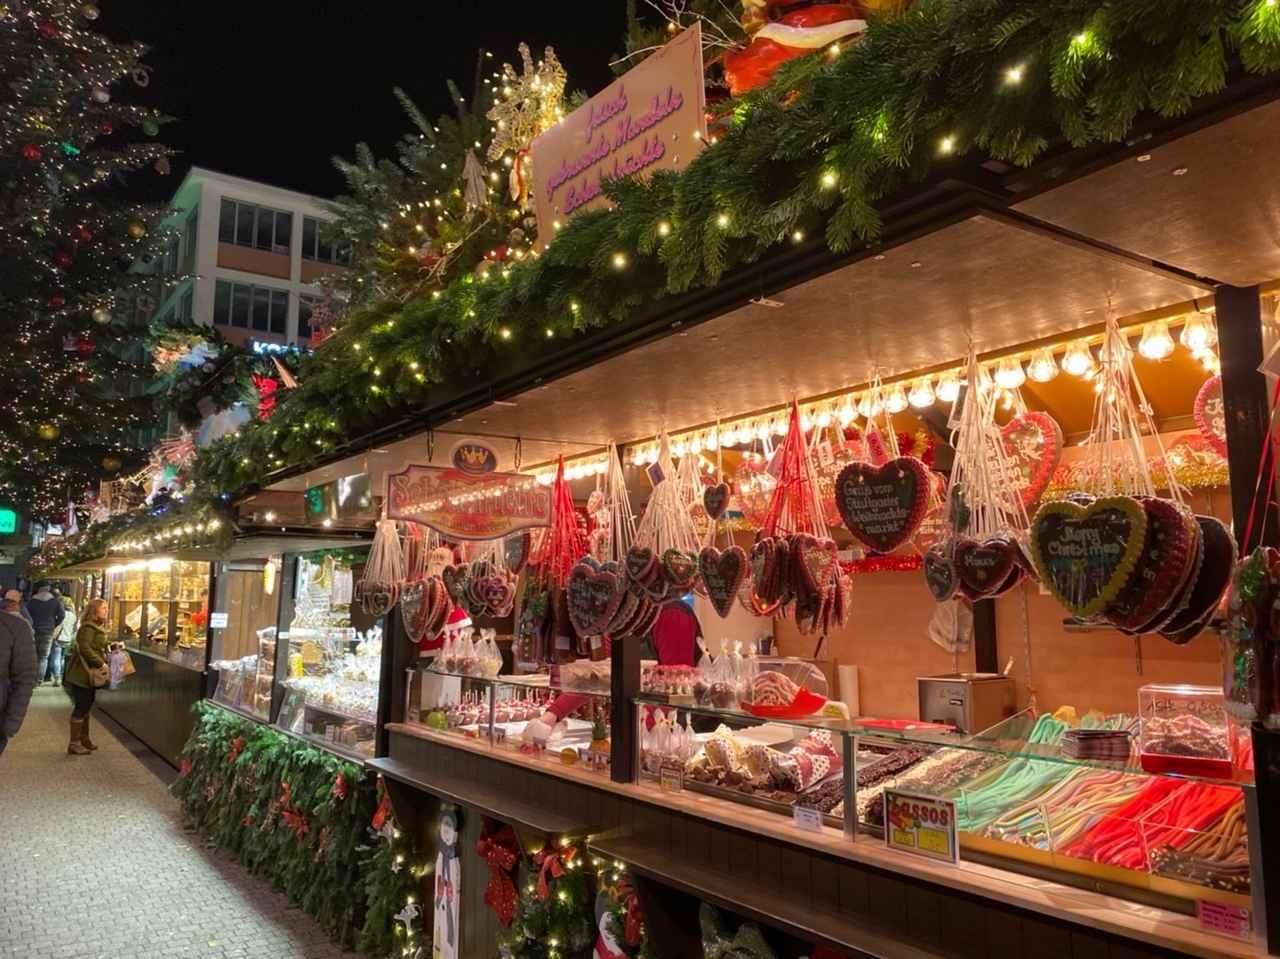 画像: ドイツクリスマスマーケット 弊社スタッフ撮影